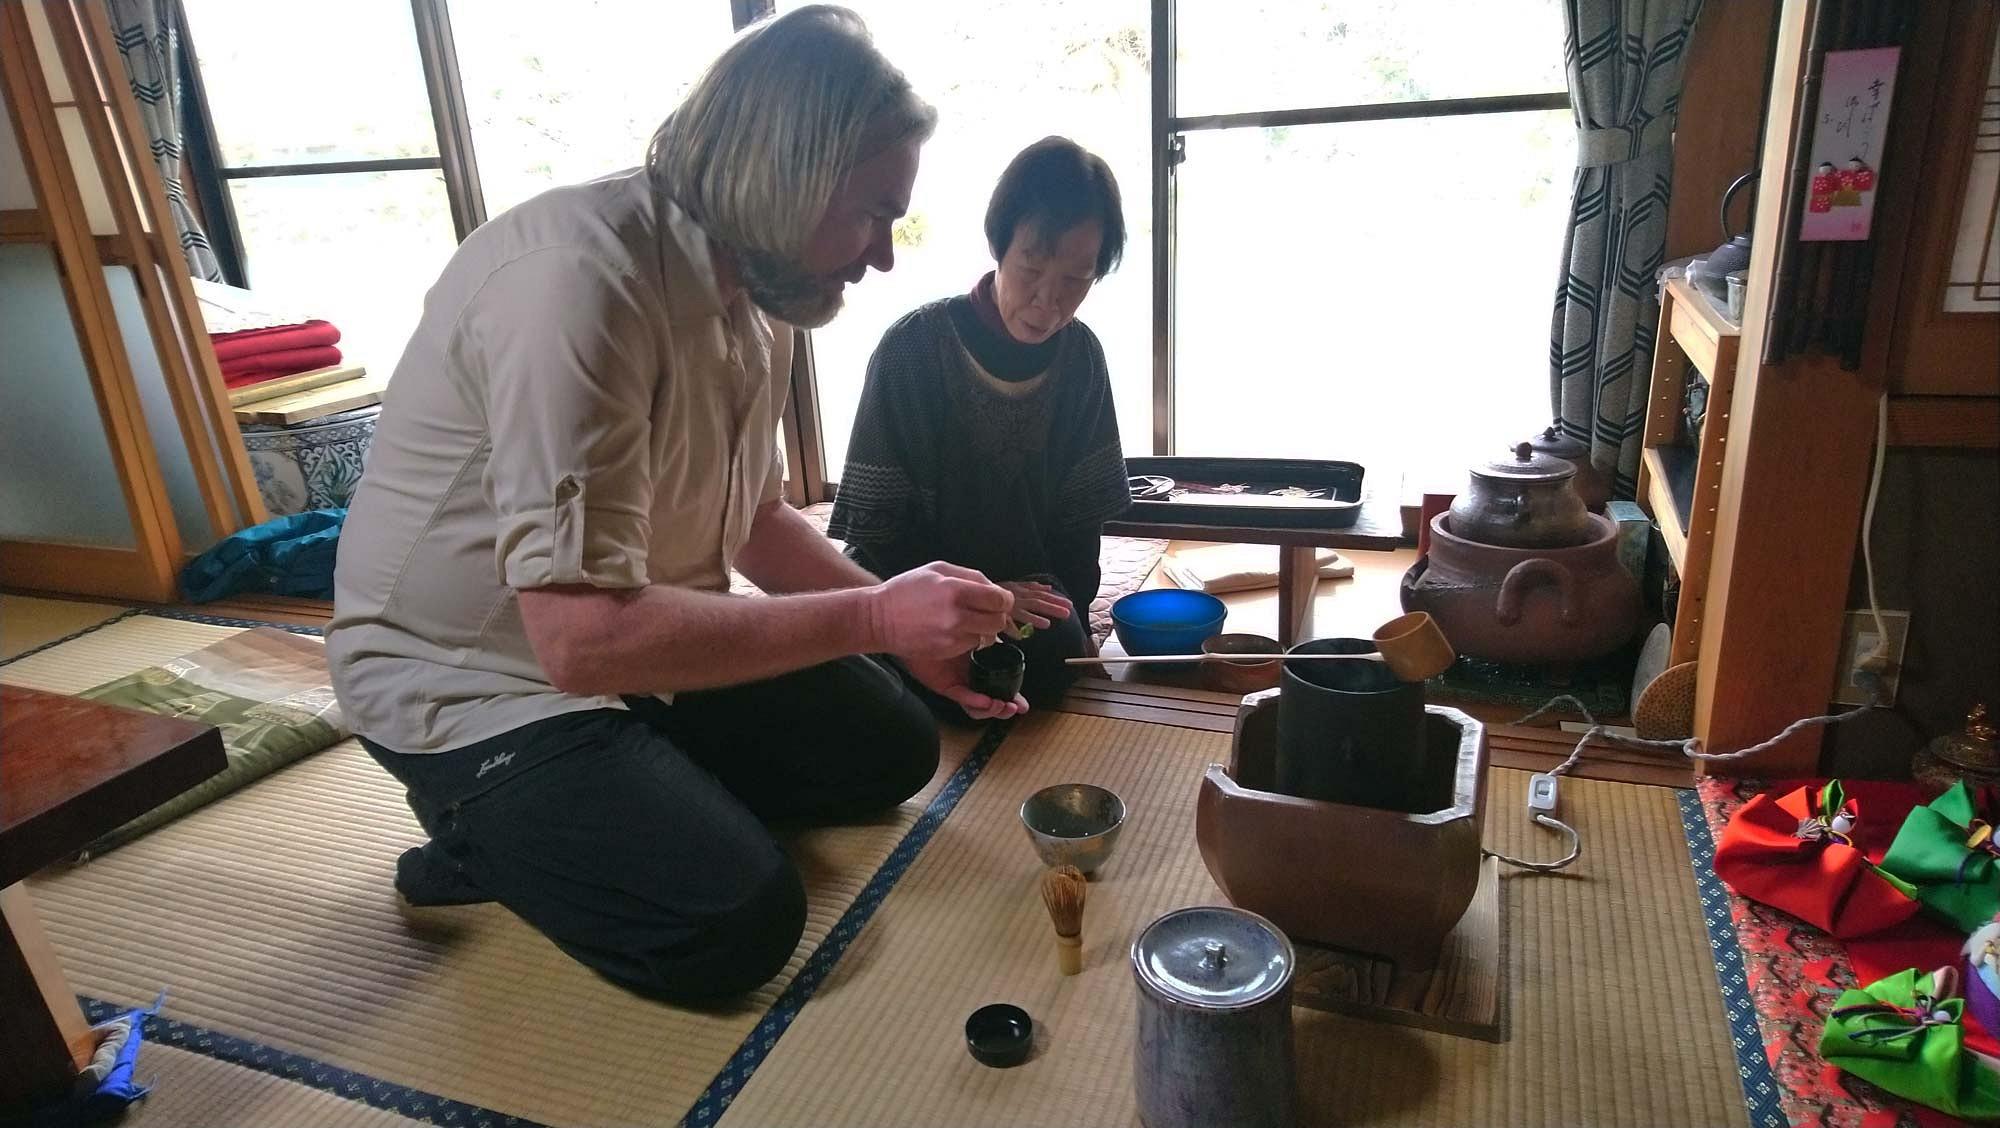 pspan-stylecolornullBei-einer-traditionellen-japanischen-Teezeremonie-bleibt-wirklich-nichts-dem-Zufall-uumlberlassenspanp